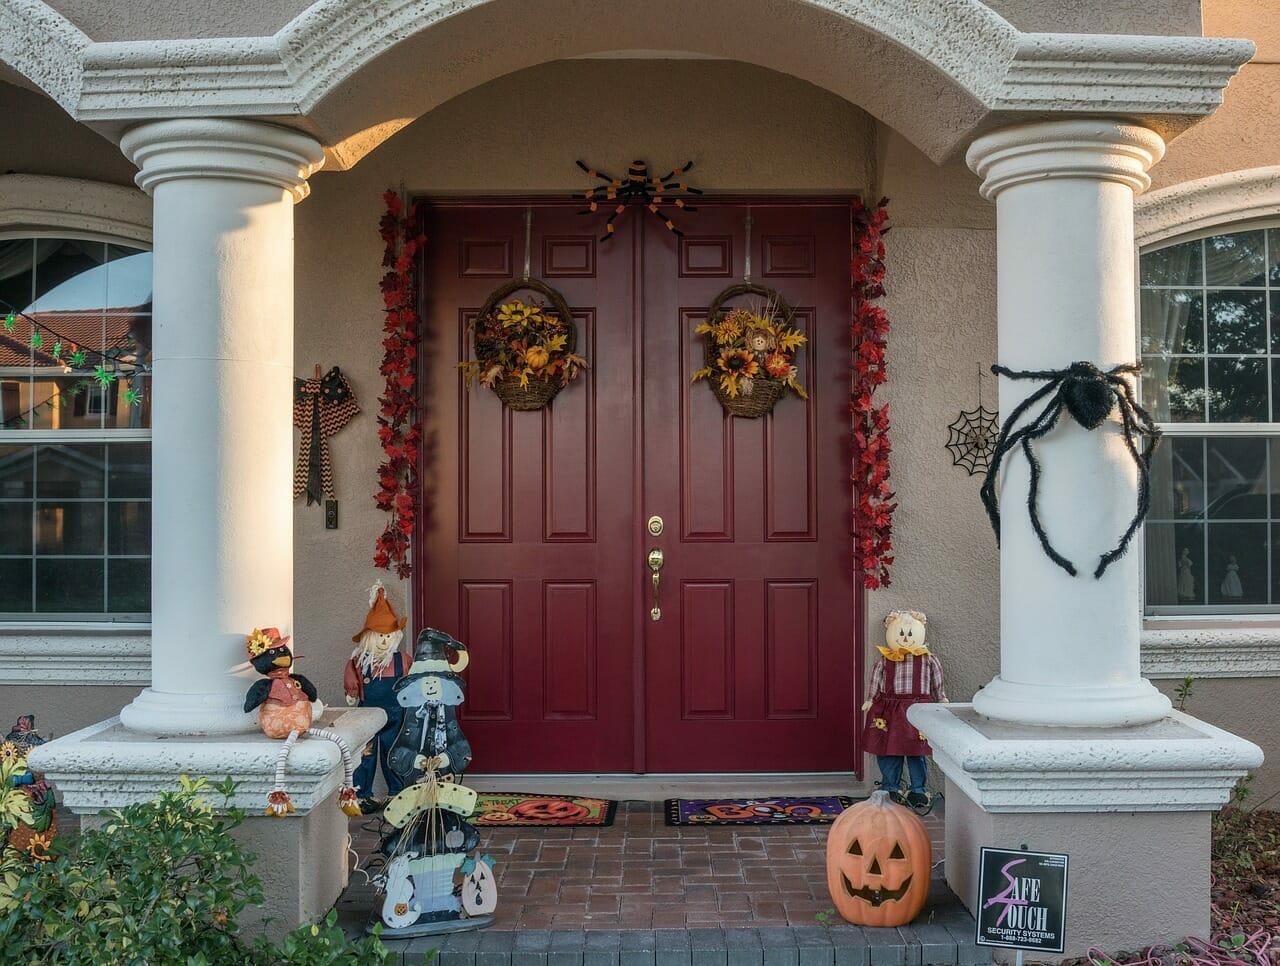 Com-puc-fer-la-decoració-de-halloween-per-a-la-meva-casa